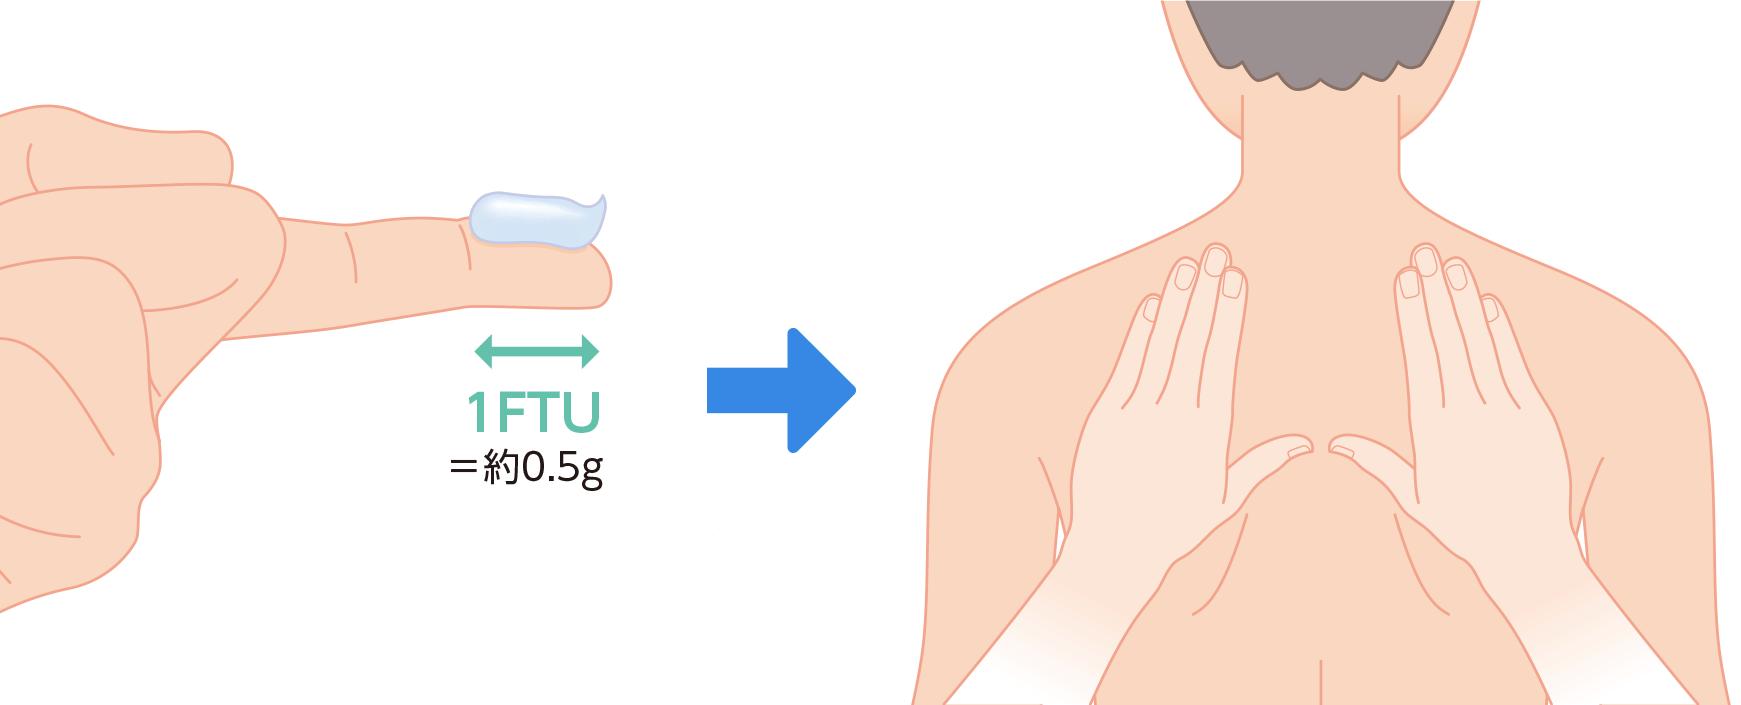 薬物療法:アトピー性皮膚炎の炎症と薬